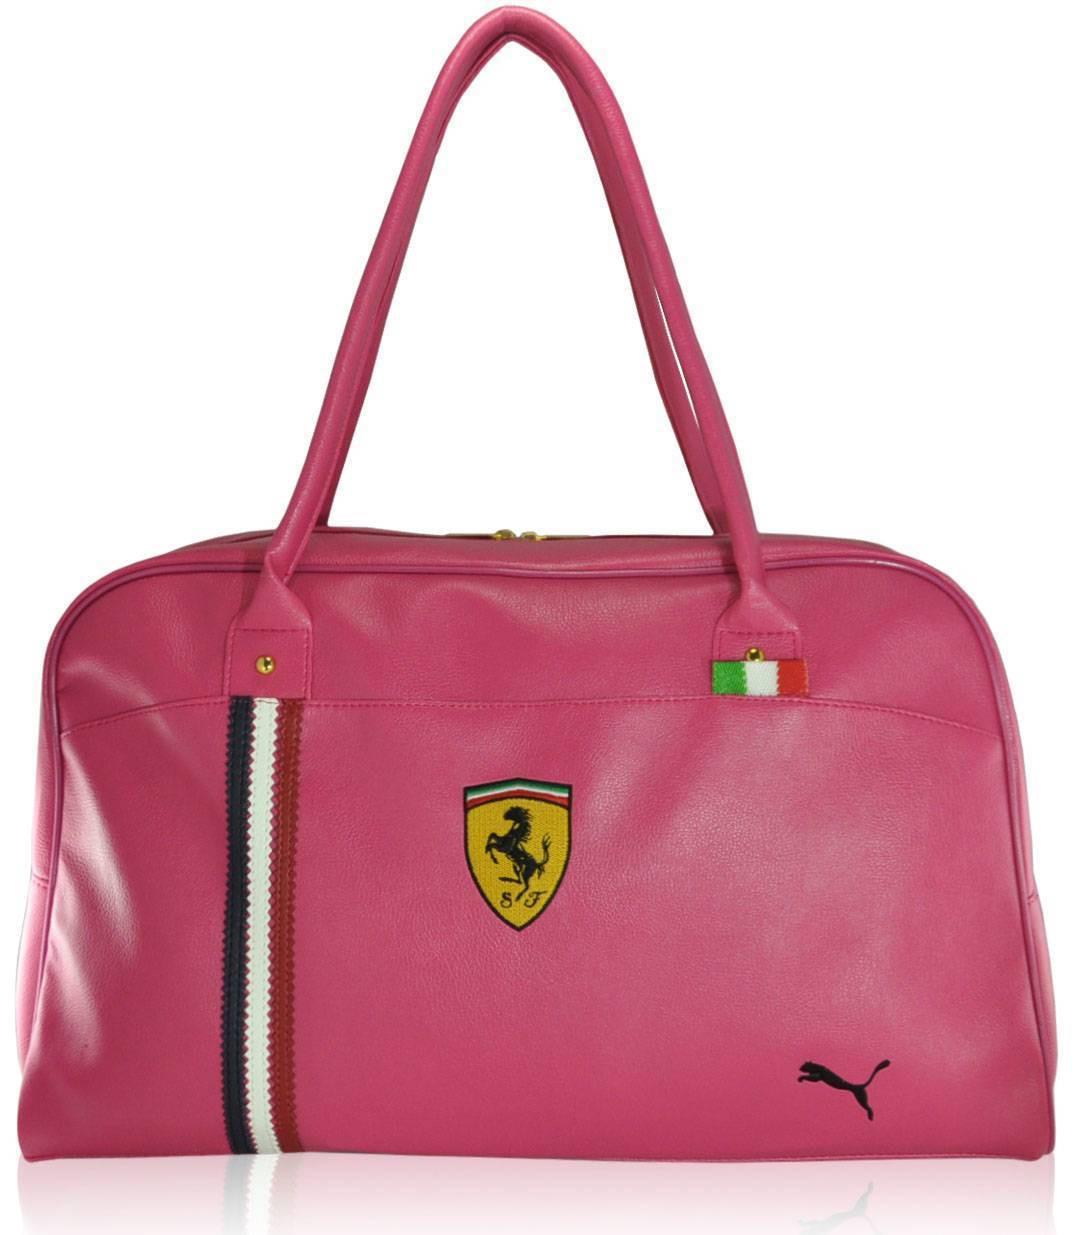 Спортивная сумка Puma Valise розовая реплика